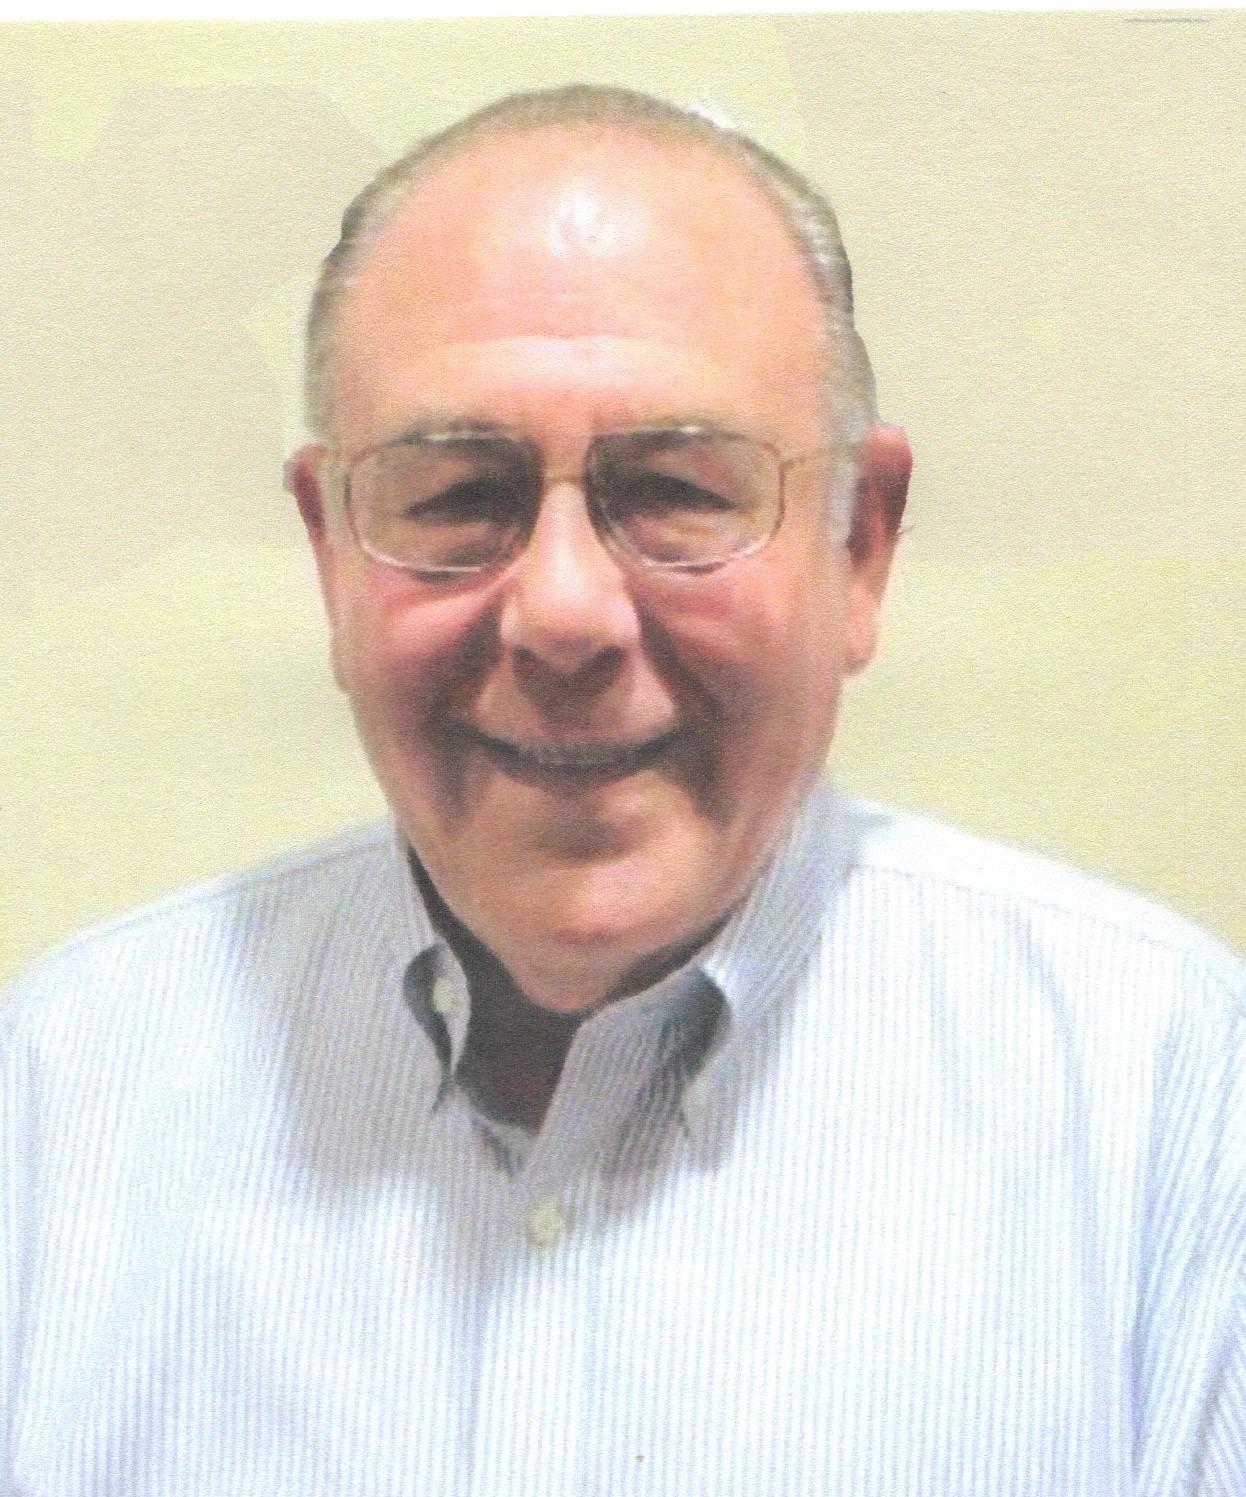 Robert Sabath